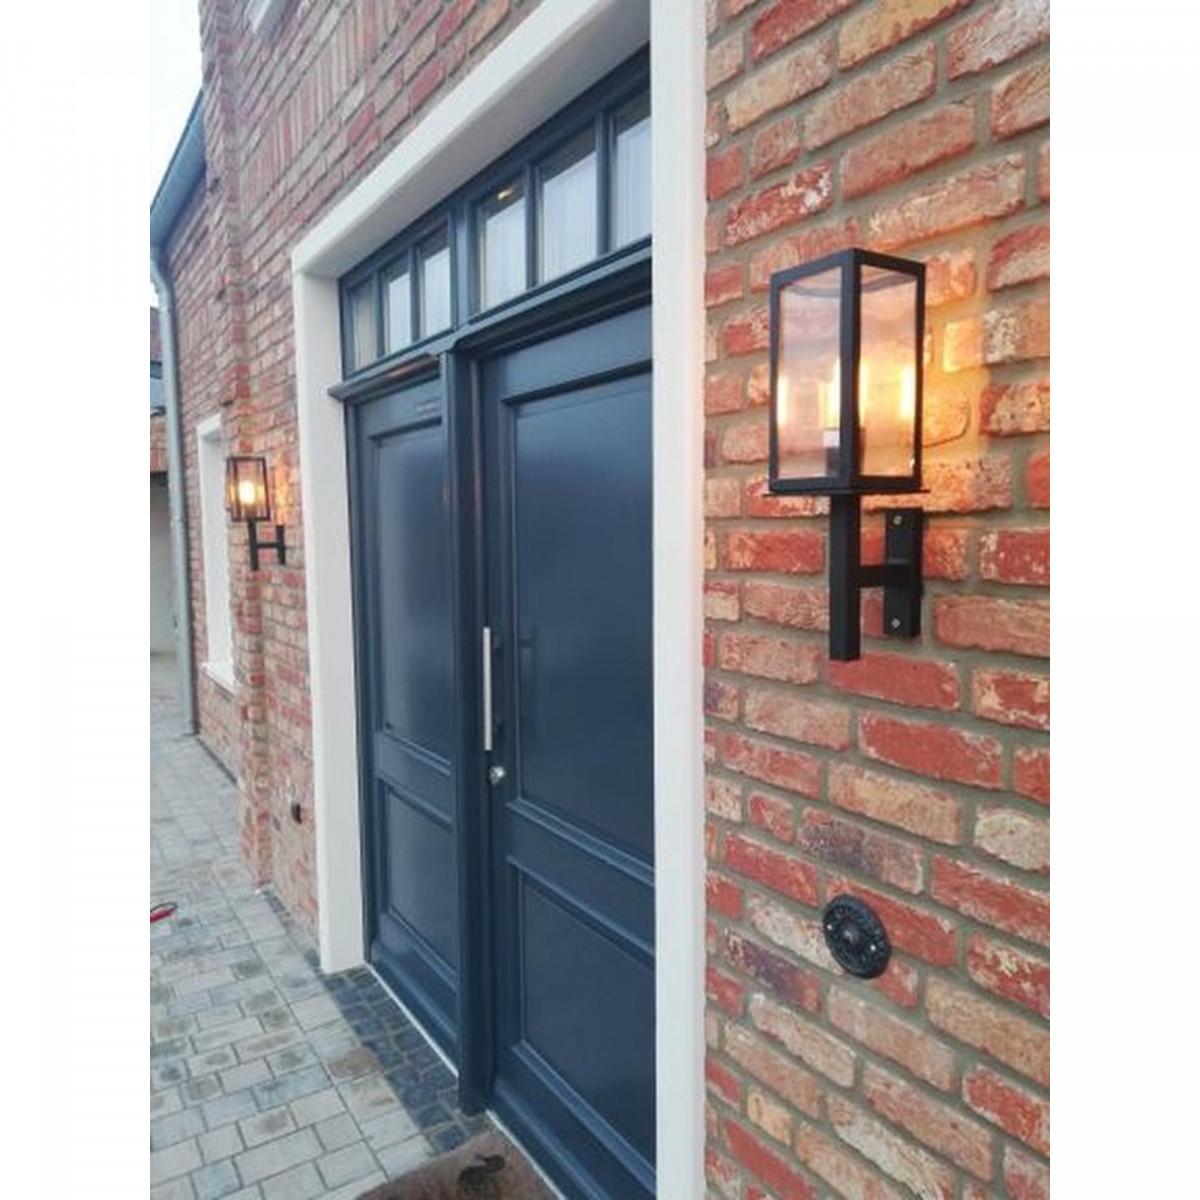 Zwarte buitenlamp strak klassiek box design, rechte wandsteun, stijlvol en praktische buiten wandlantaarn, handmade KS Verlichting